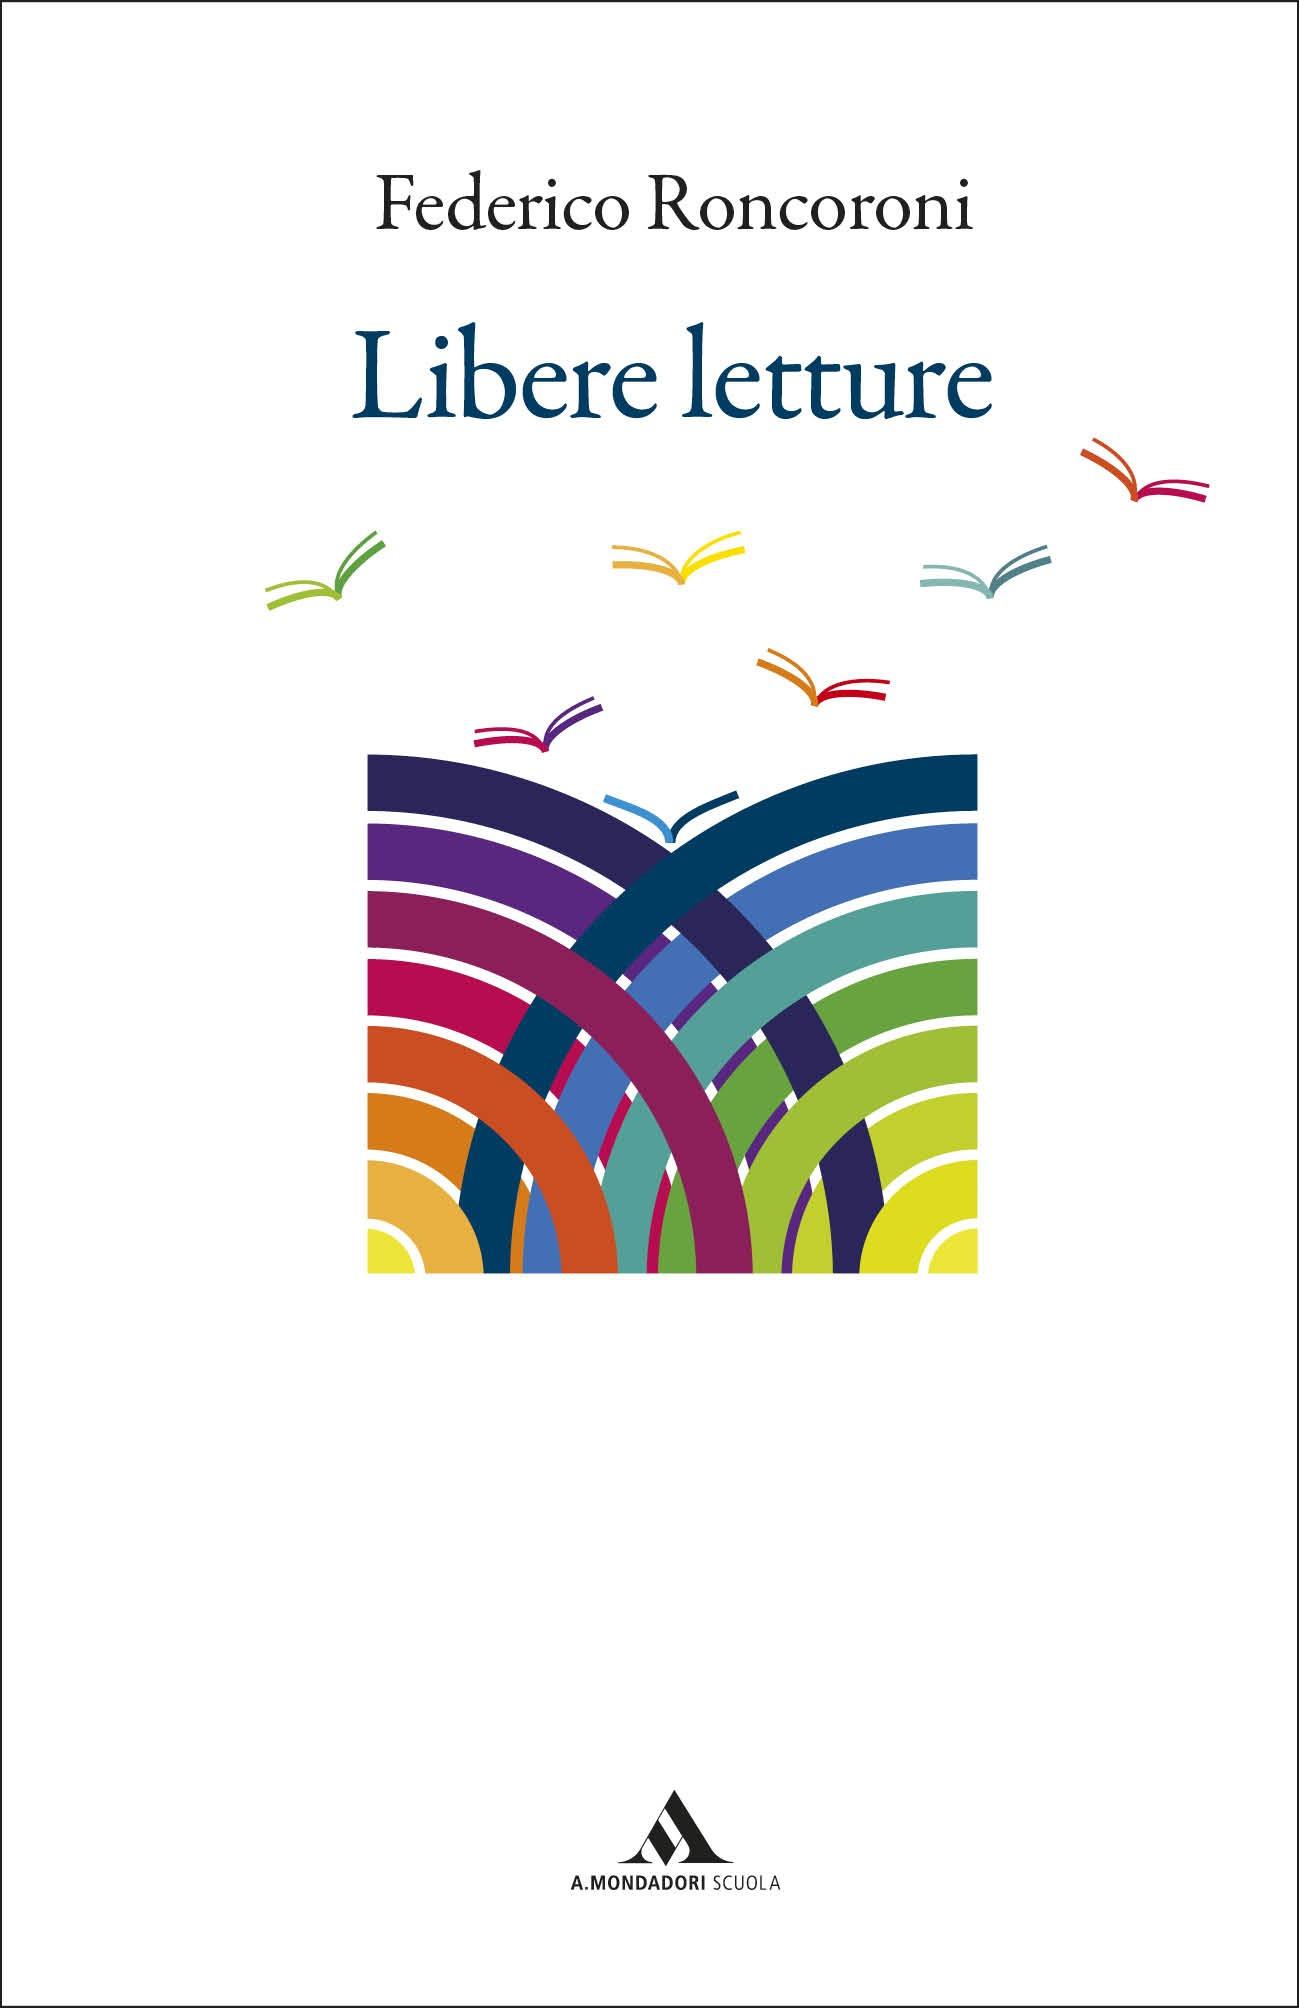 Recensione di Libere Letture – Federico Roncoroni